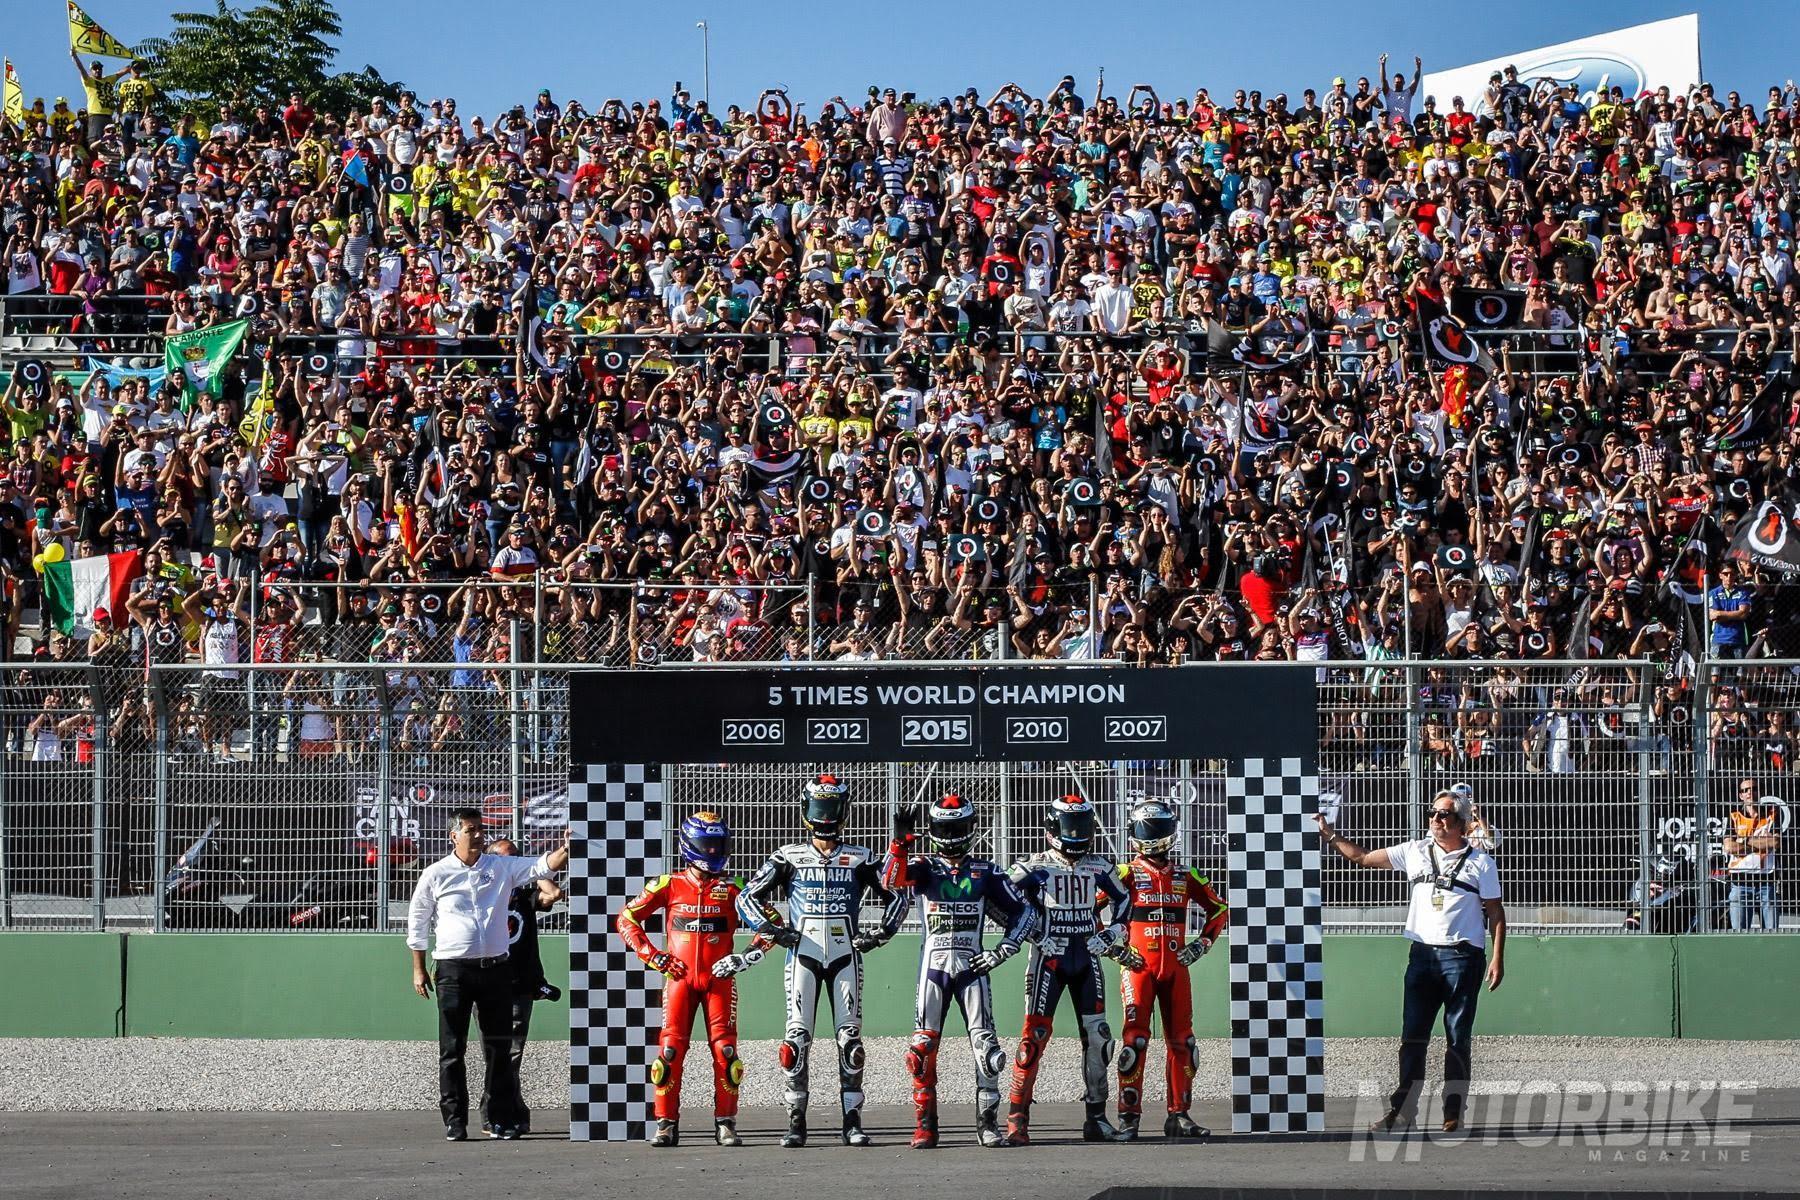 Gran Premio di Spagna-Jerez